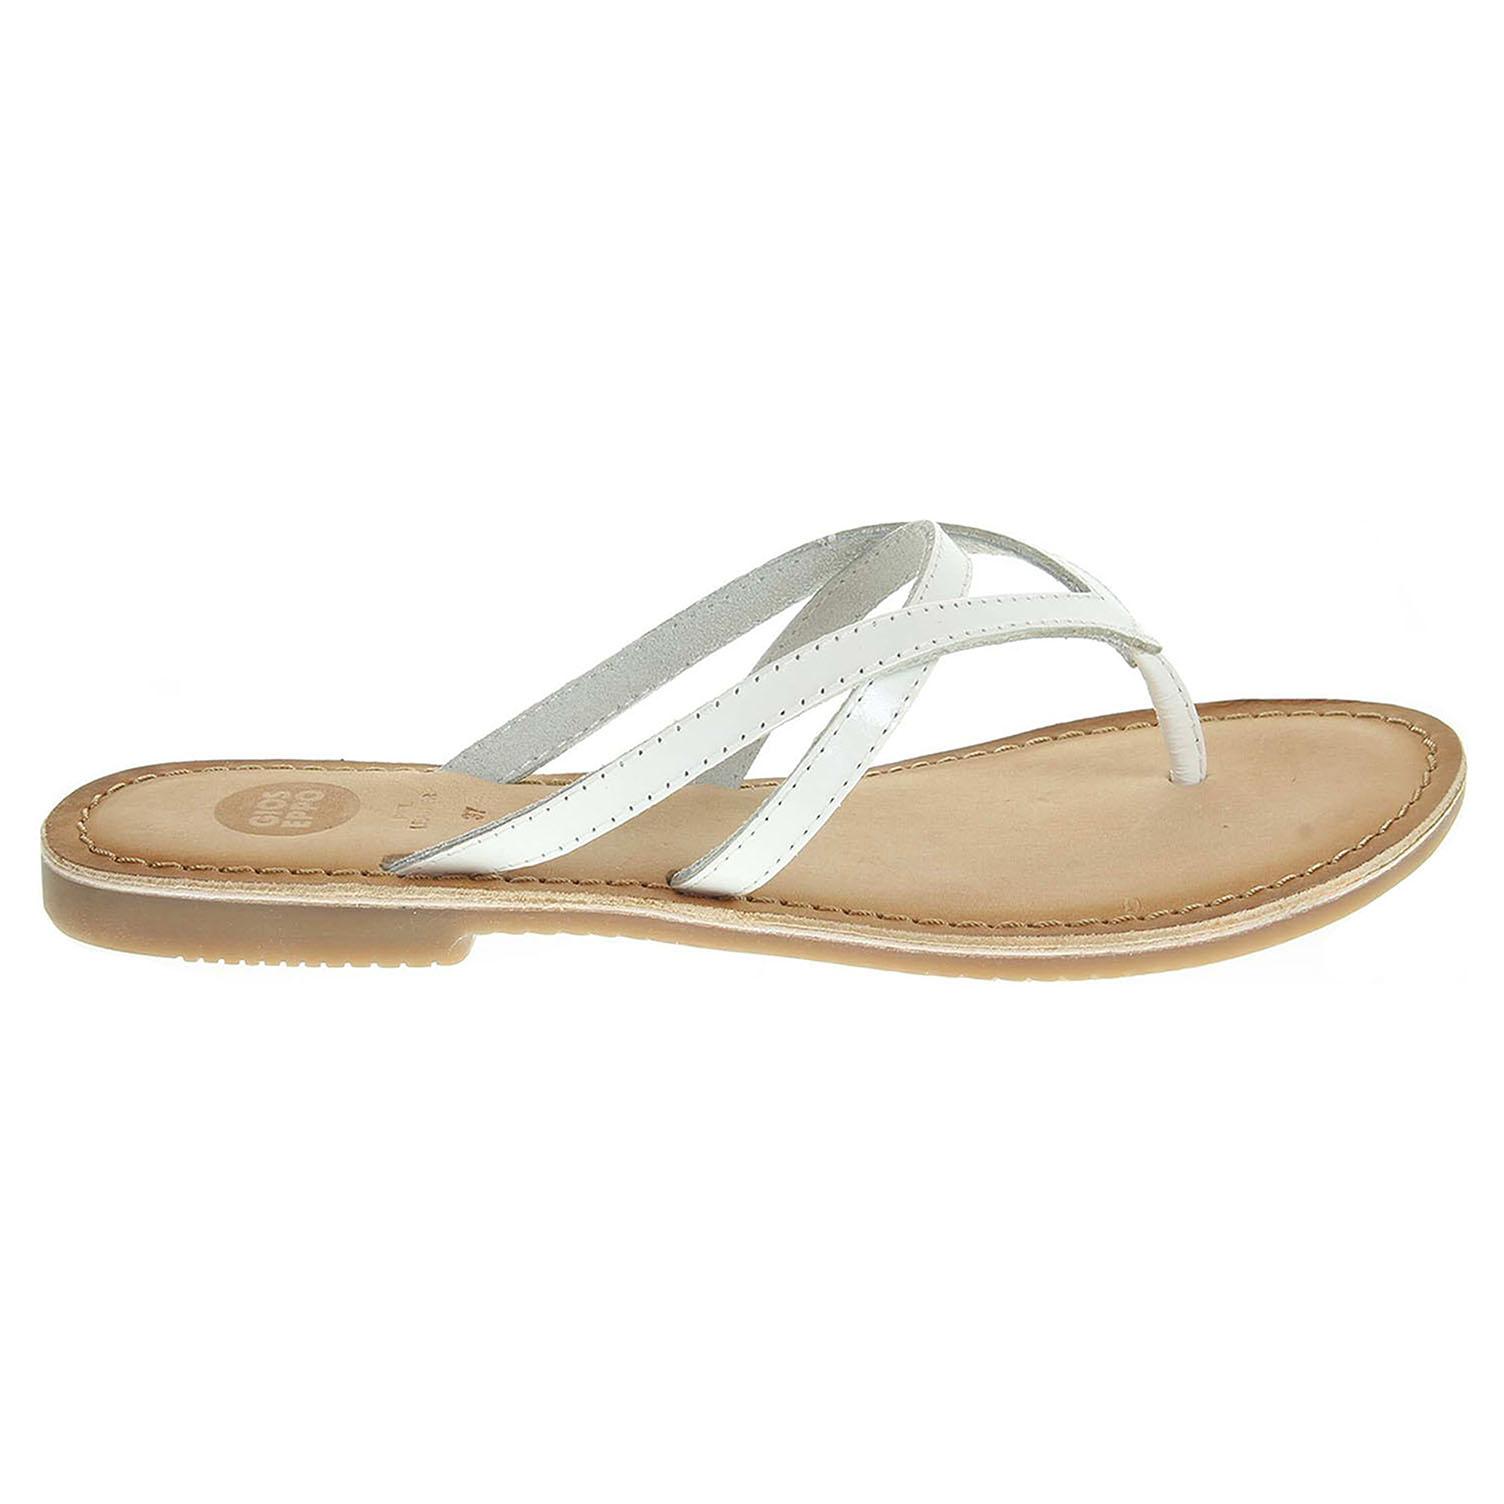 Ecco Gioseppo Miteva dámské pantofle bílé 23600748